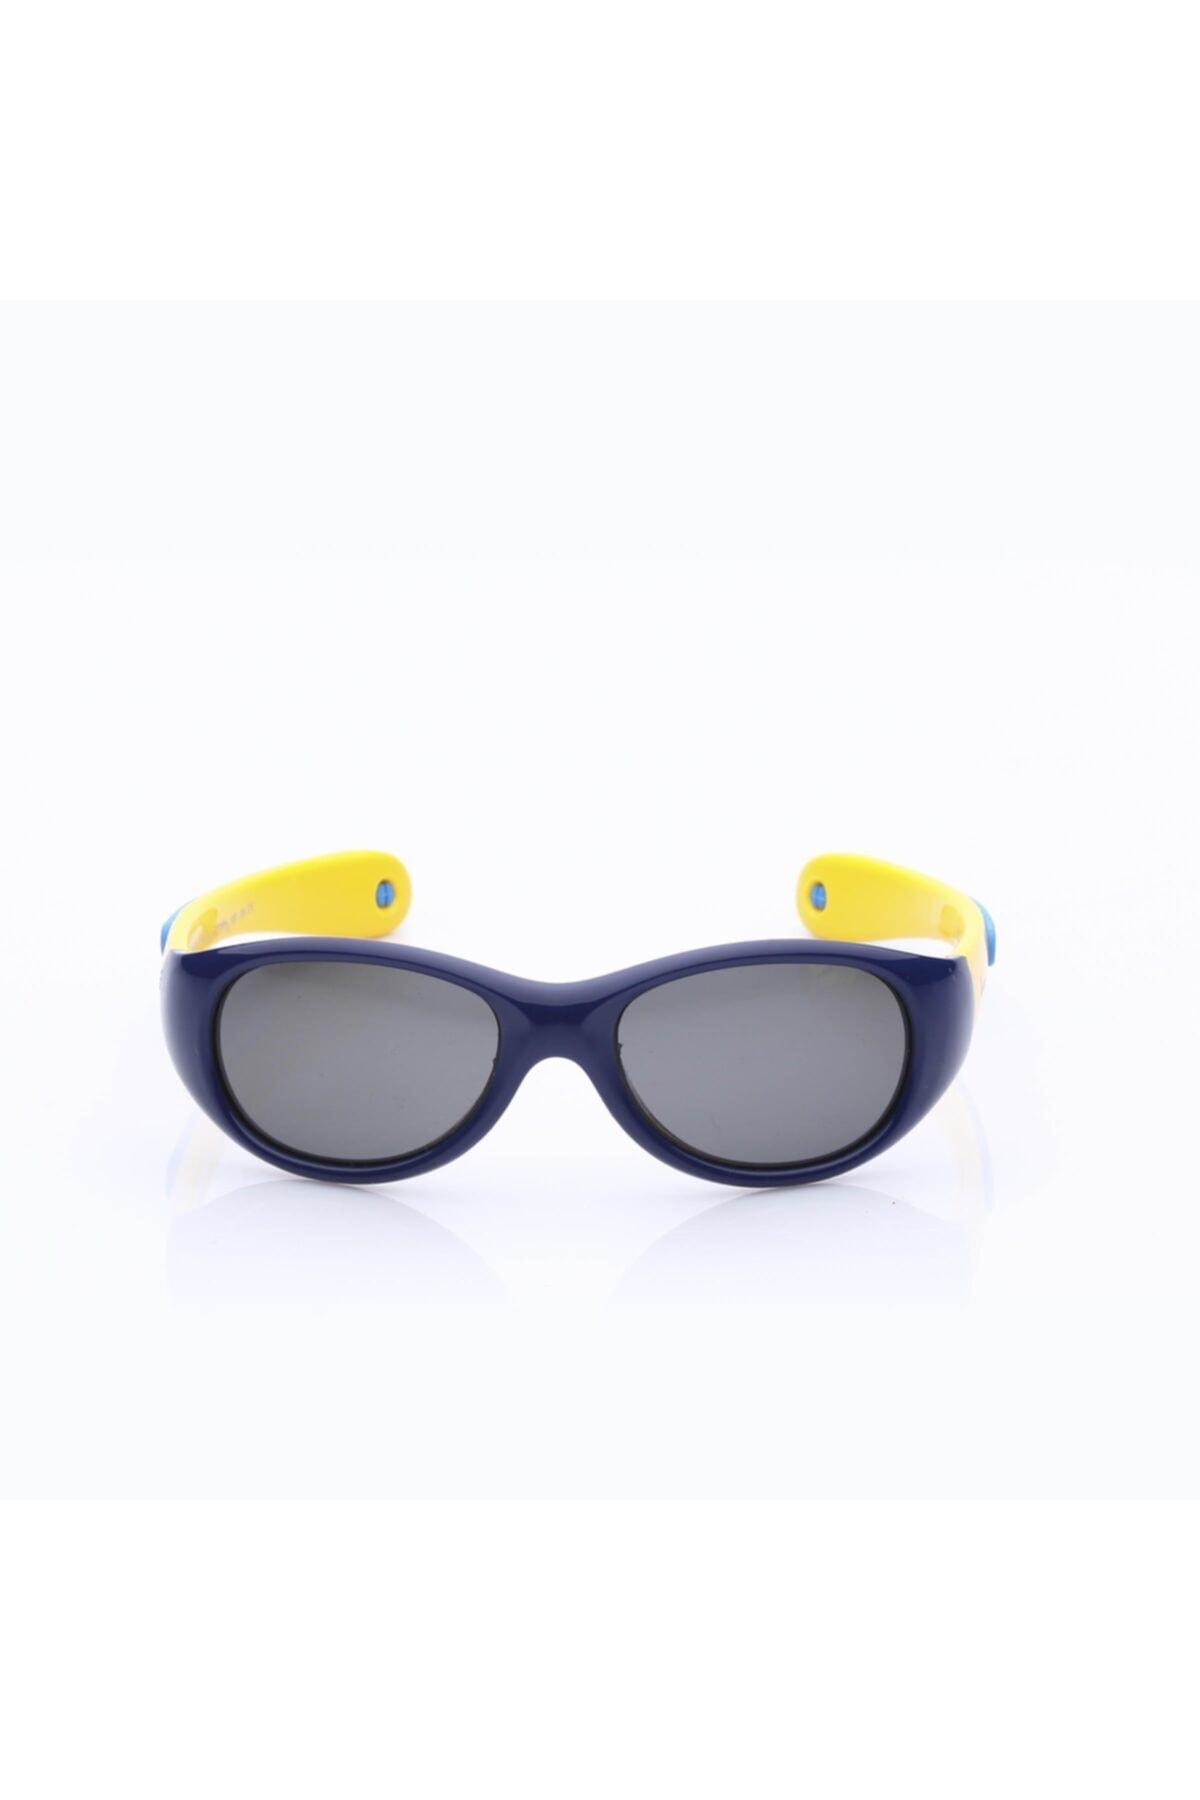 فروش عینک آفتابی بچه گانه دخترانه 2021 برند LONNVİ رنگ لاجوردی کد ty41784510